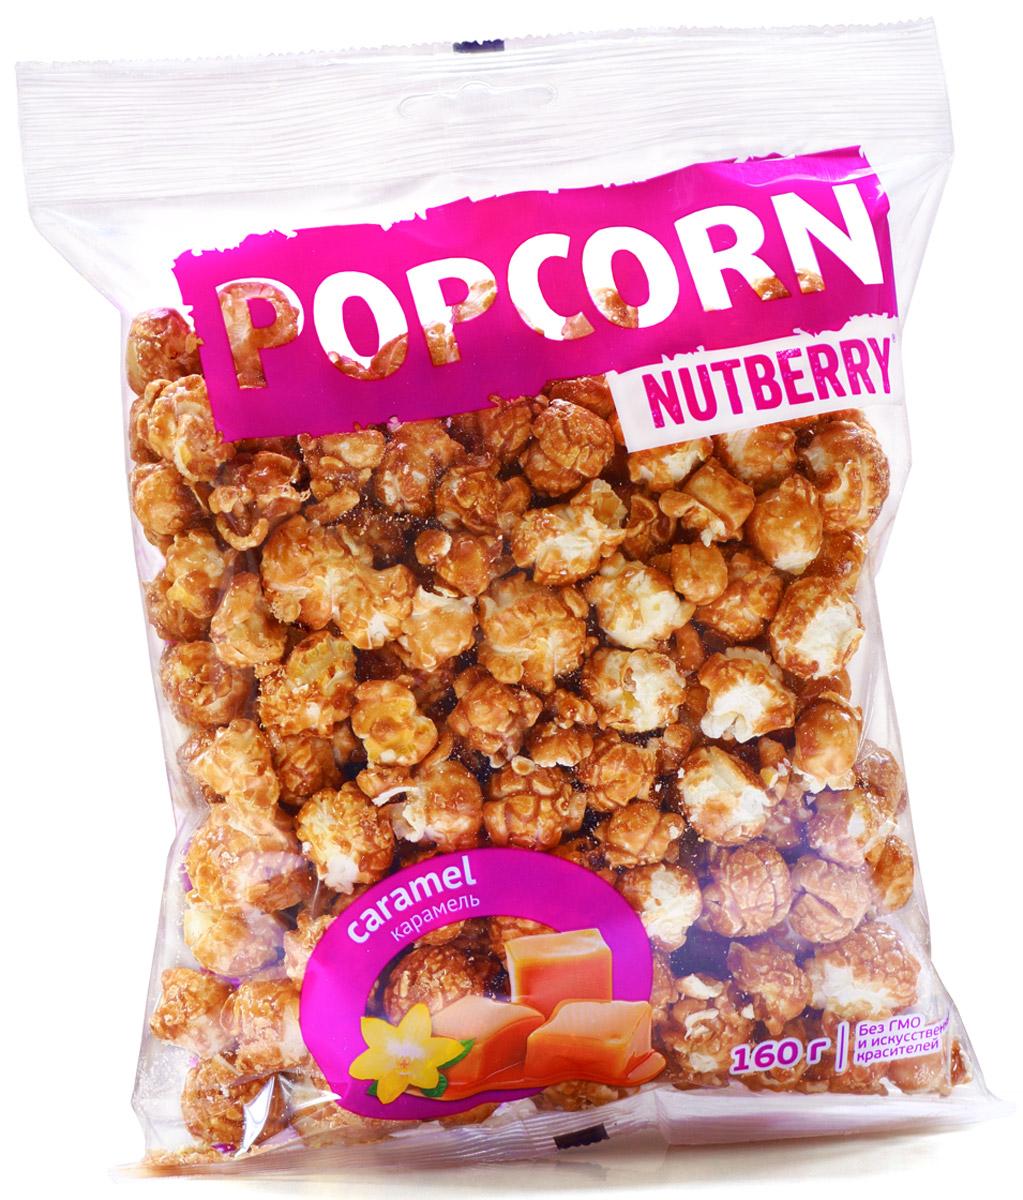 Nutberryпопкорнсладкийкарамель,160г0120710Вкусный сладкий попкорн с натуральной карамелью.